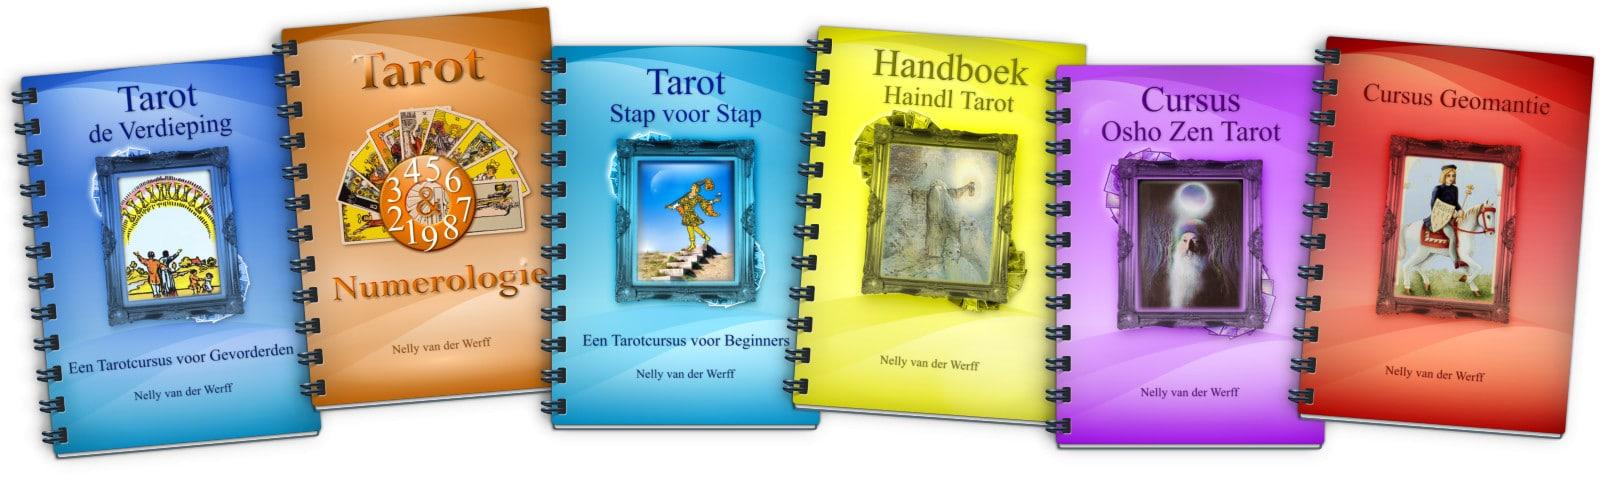 Tarotcursus tarot stap voor stap